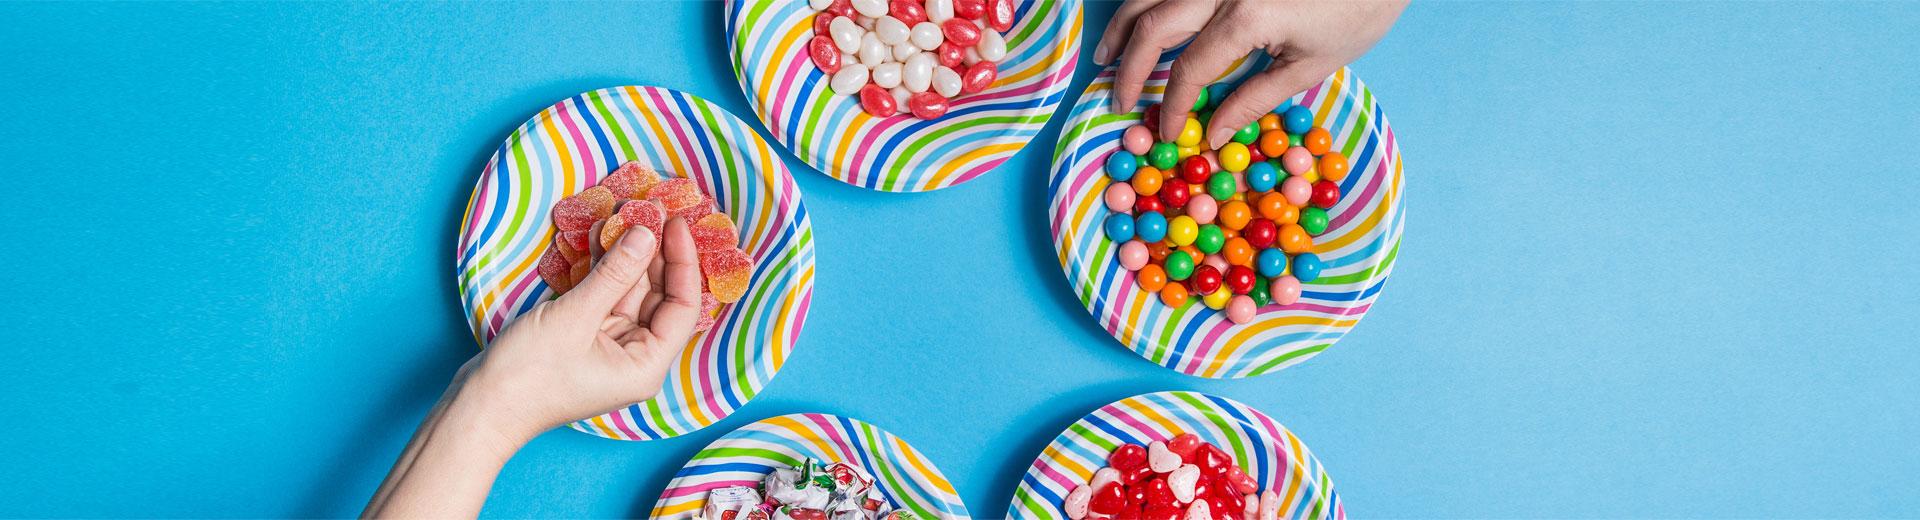 ממתקים לילדים